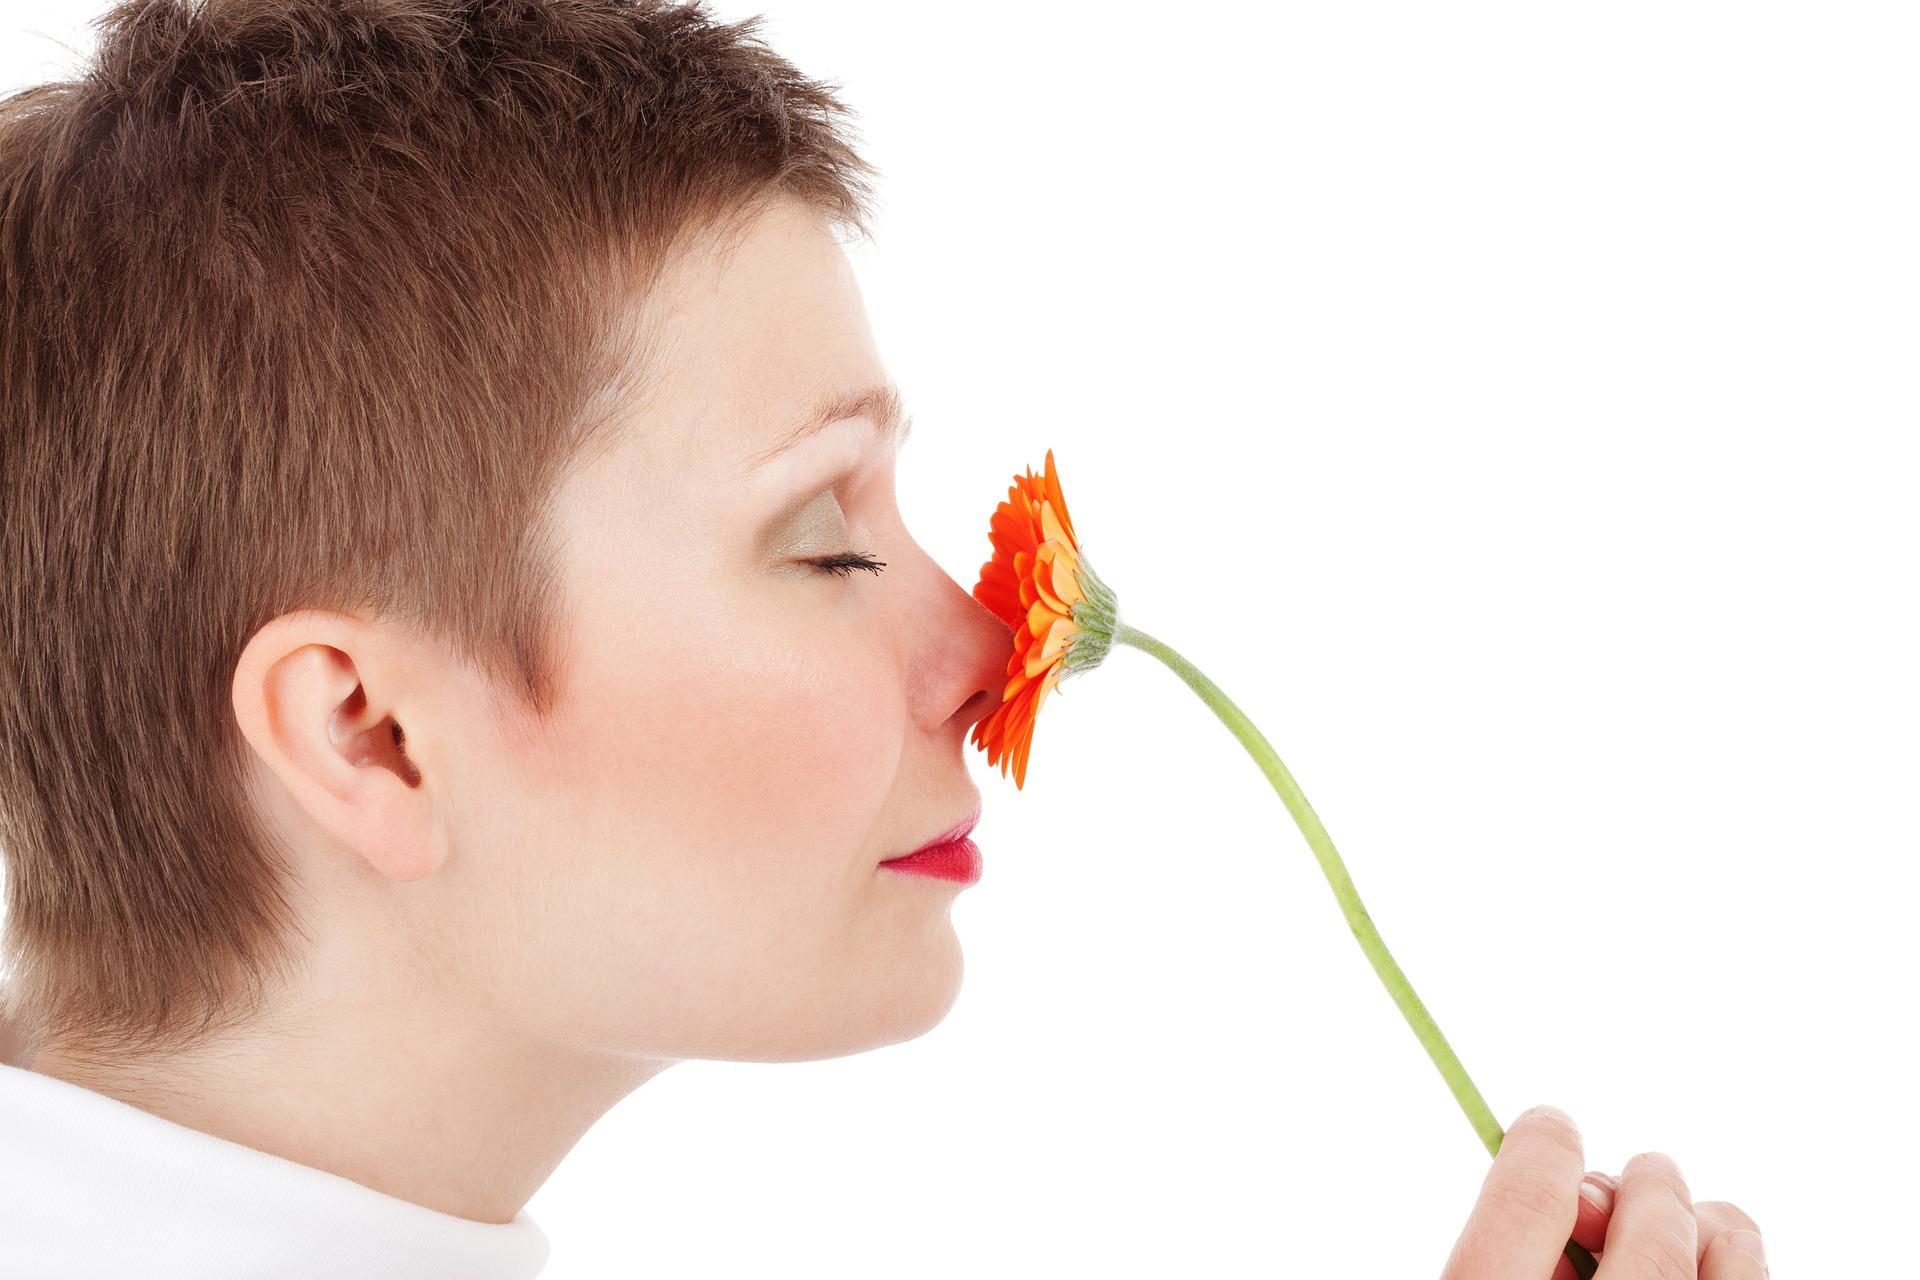 Difficoltà a respirare dal naso: cause e rimedi